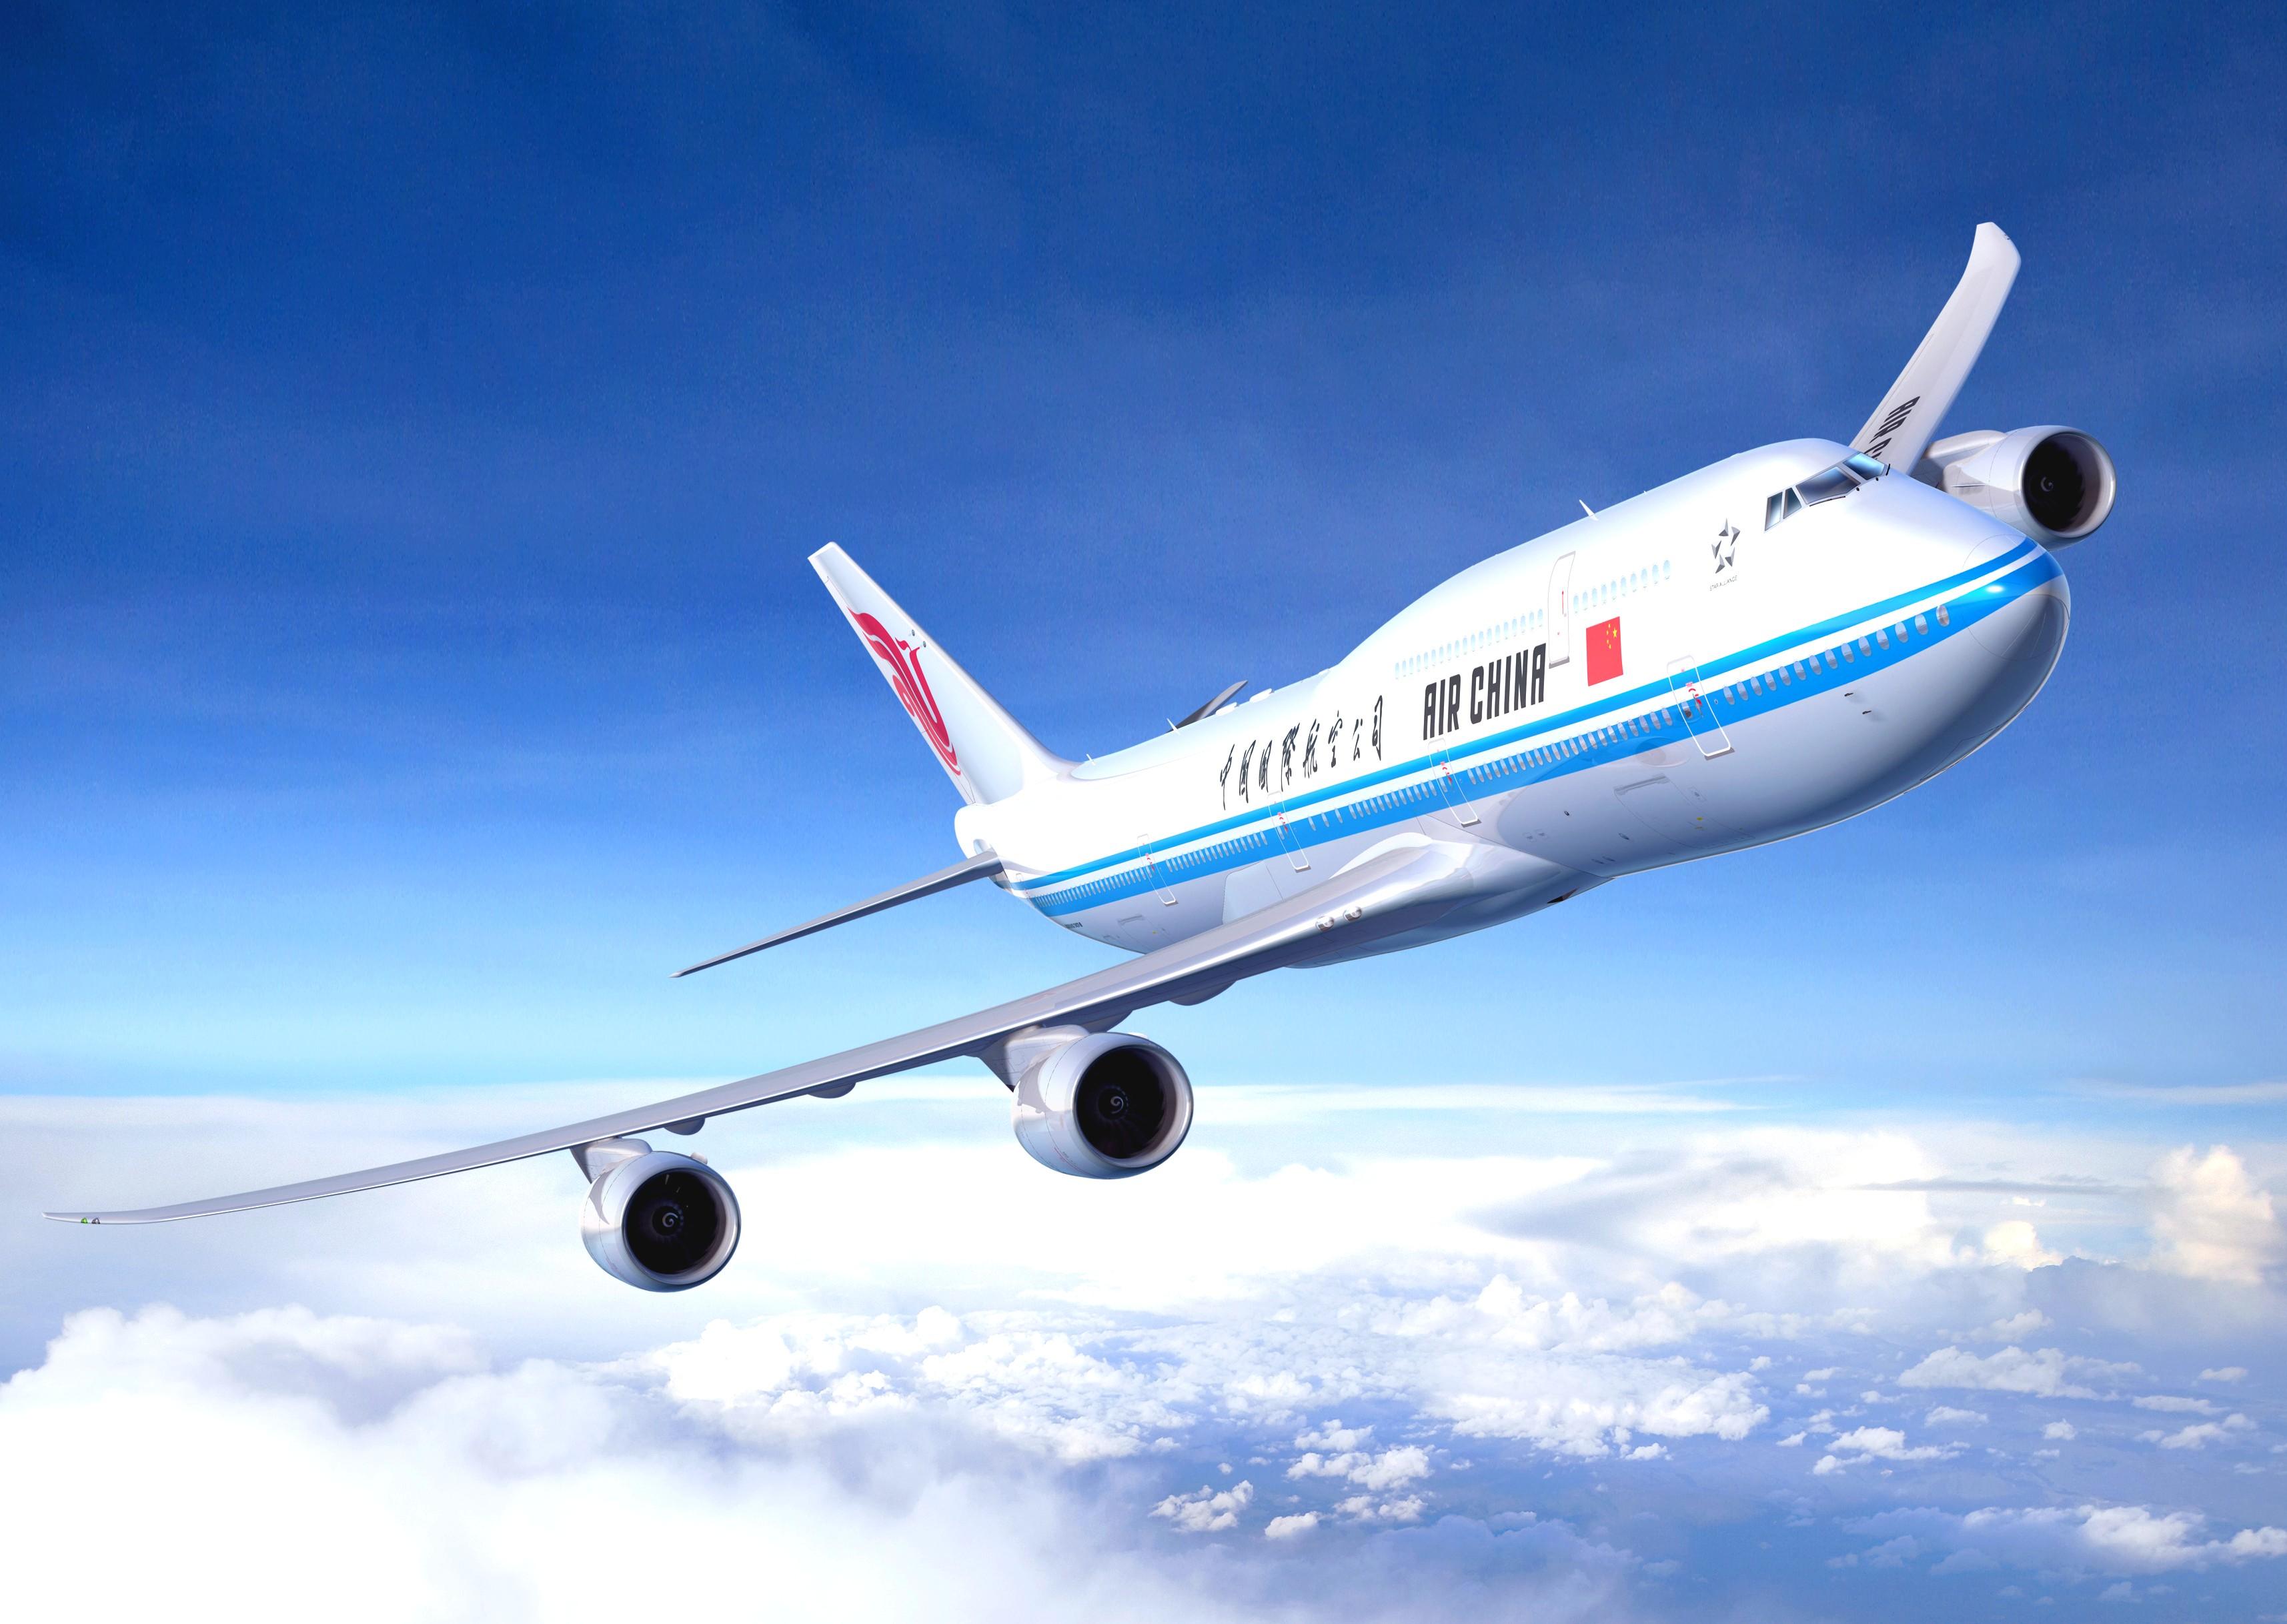 airchina747-8.jpg